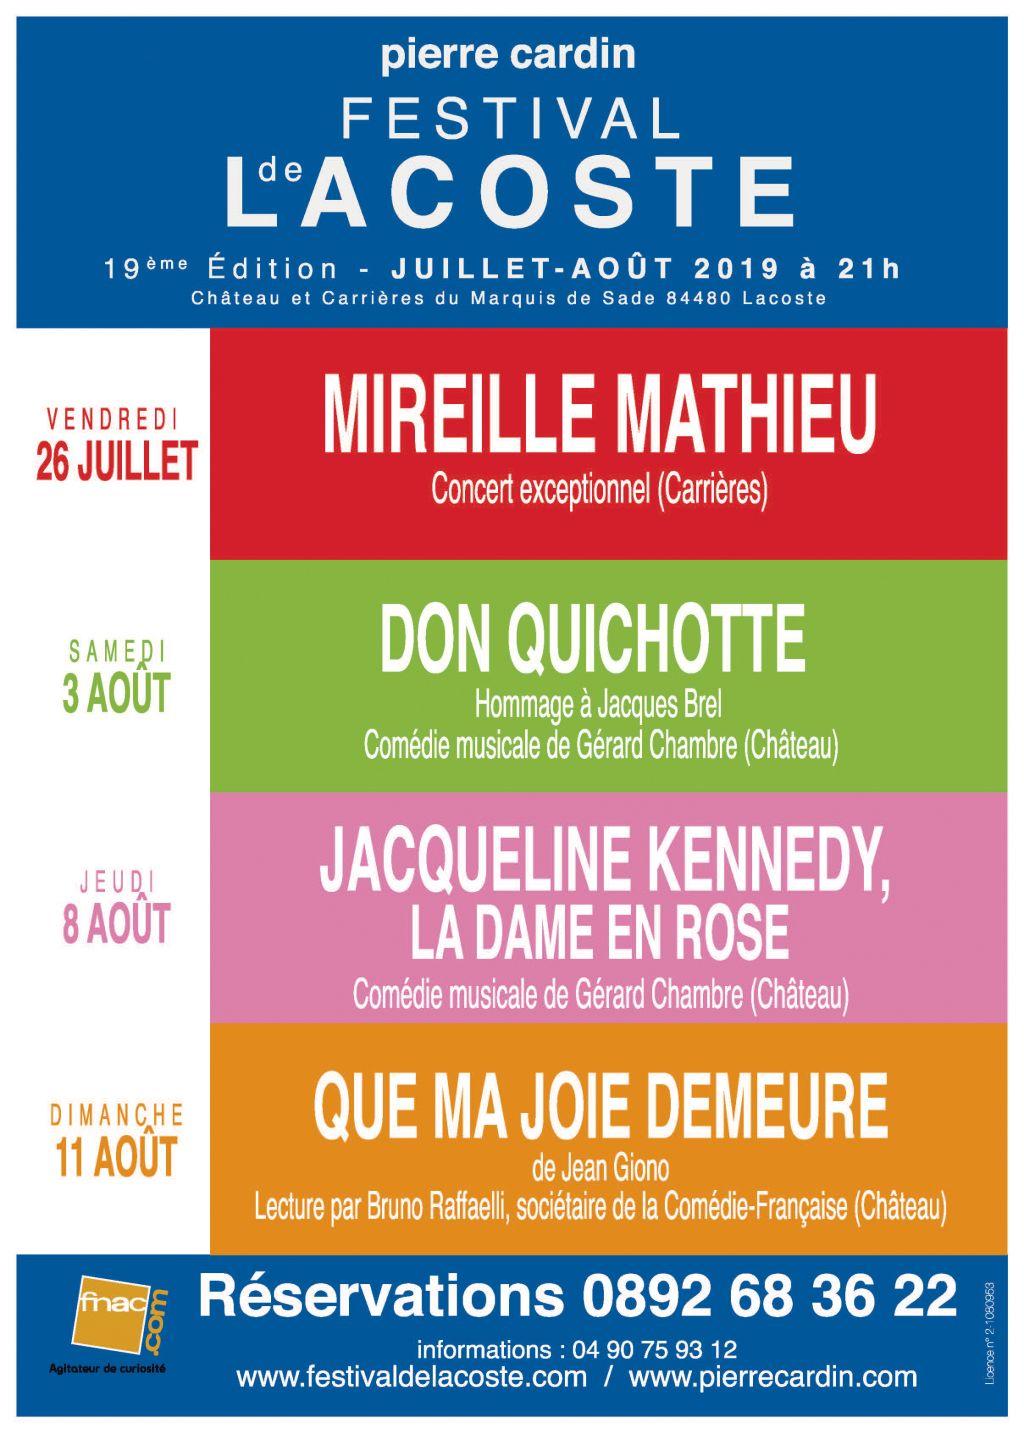 """Festival de Lacoste 2019. """"Au coeur du Luberon, Lacoste, d'une lumineuse beauté, accueillera cette année, le 19ème Festival d'art lyrique et de..."""